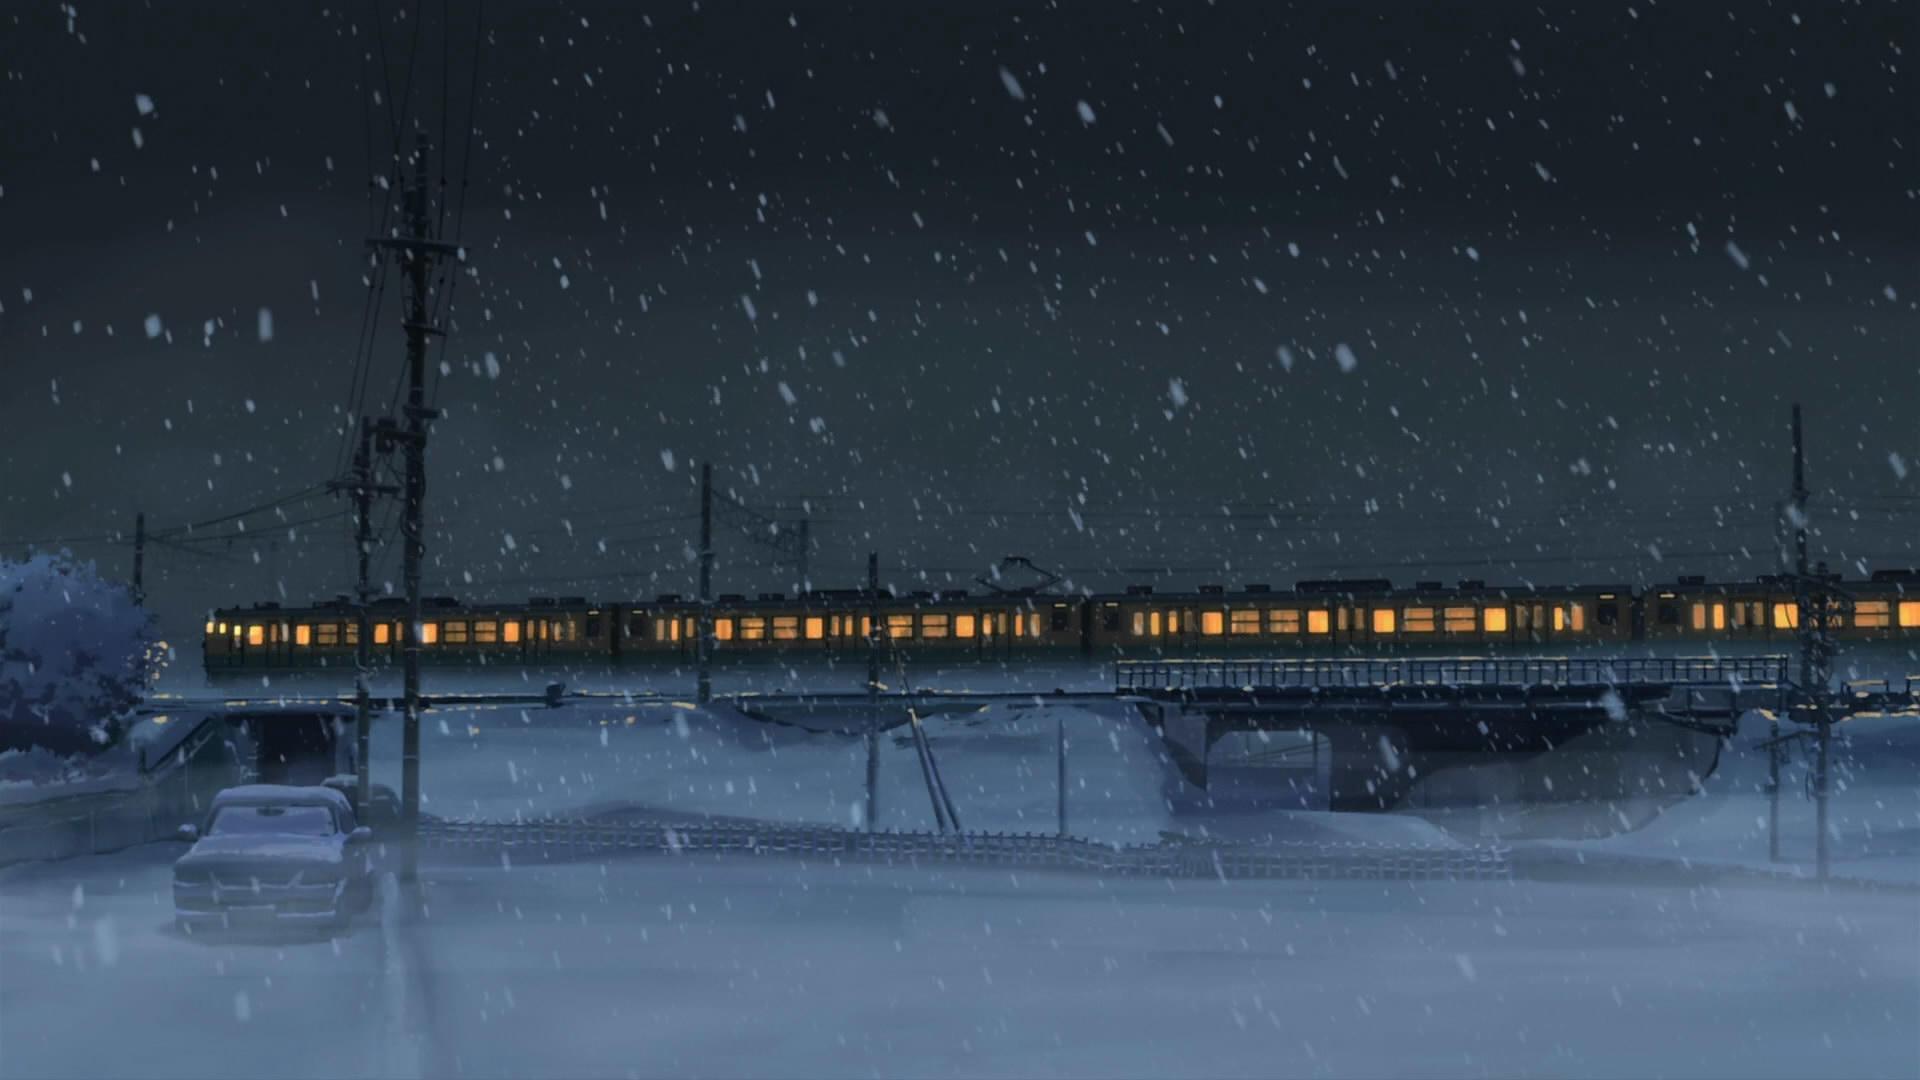 Двигался поезд бегущей строкой...